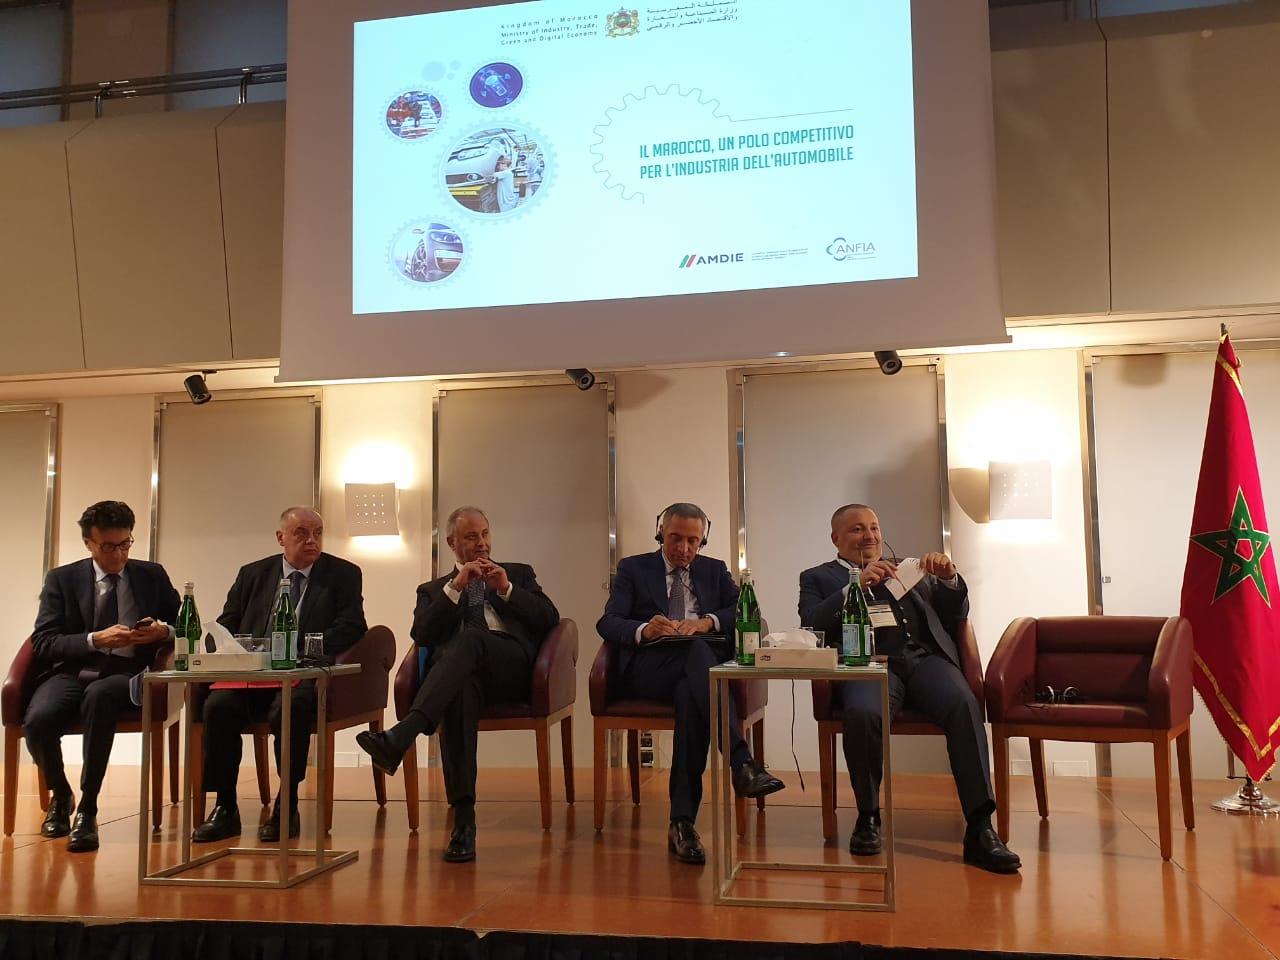 conferenza economica a torino